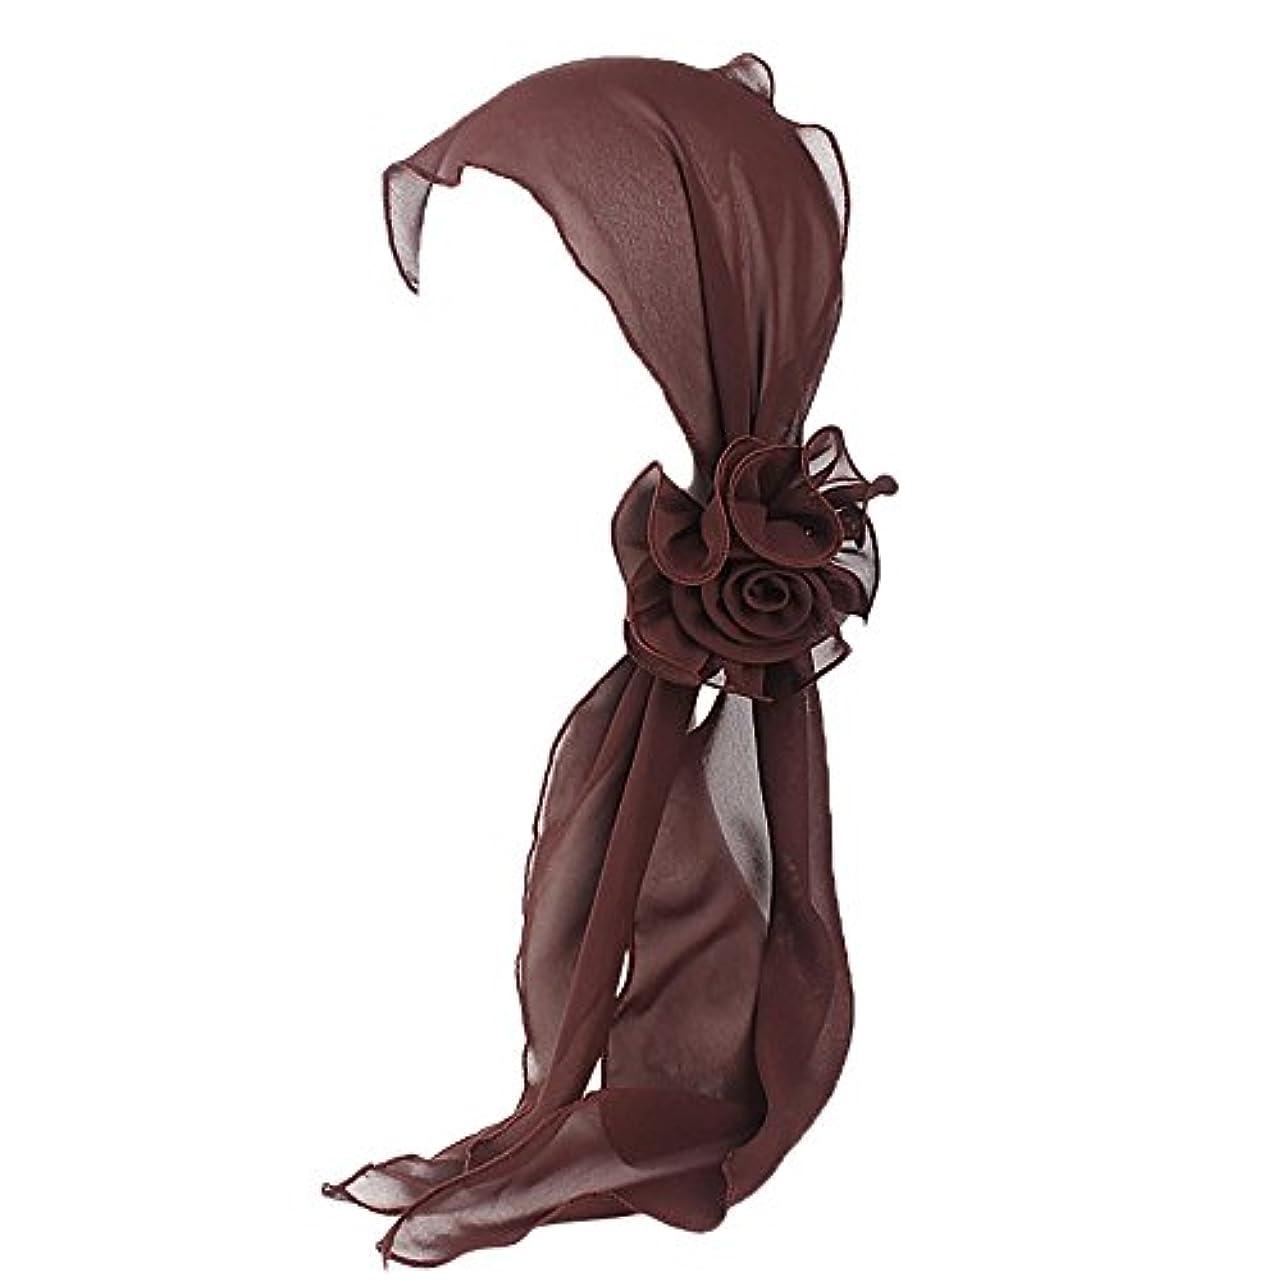 プロットパット強風ヘッドスカーフ ハット 帽子 Timsa レディース スカーフキャップ 花の形 ヘッドスカーフ 睡眠 抗UV 脱毛症 化学療法の患者のために バイザー 夏用帽子 イスラム教徒 フヘッドバンド スカーフ ヒジャブ 山の日...